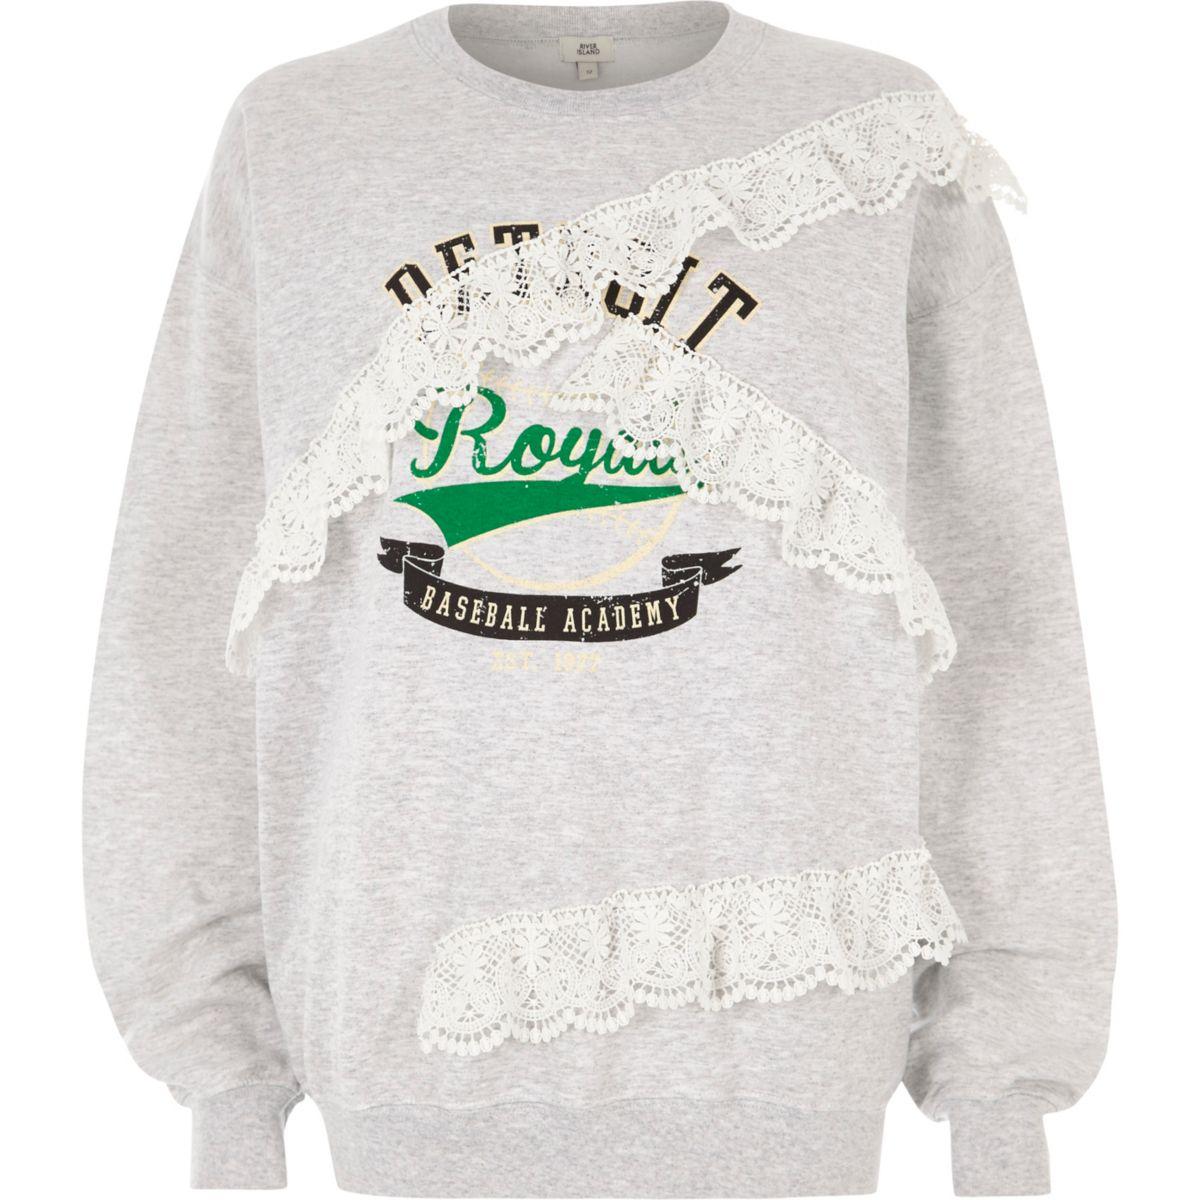 Grey 'detroit' print lace trims sweatshirt